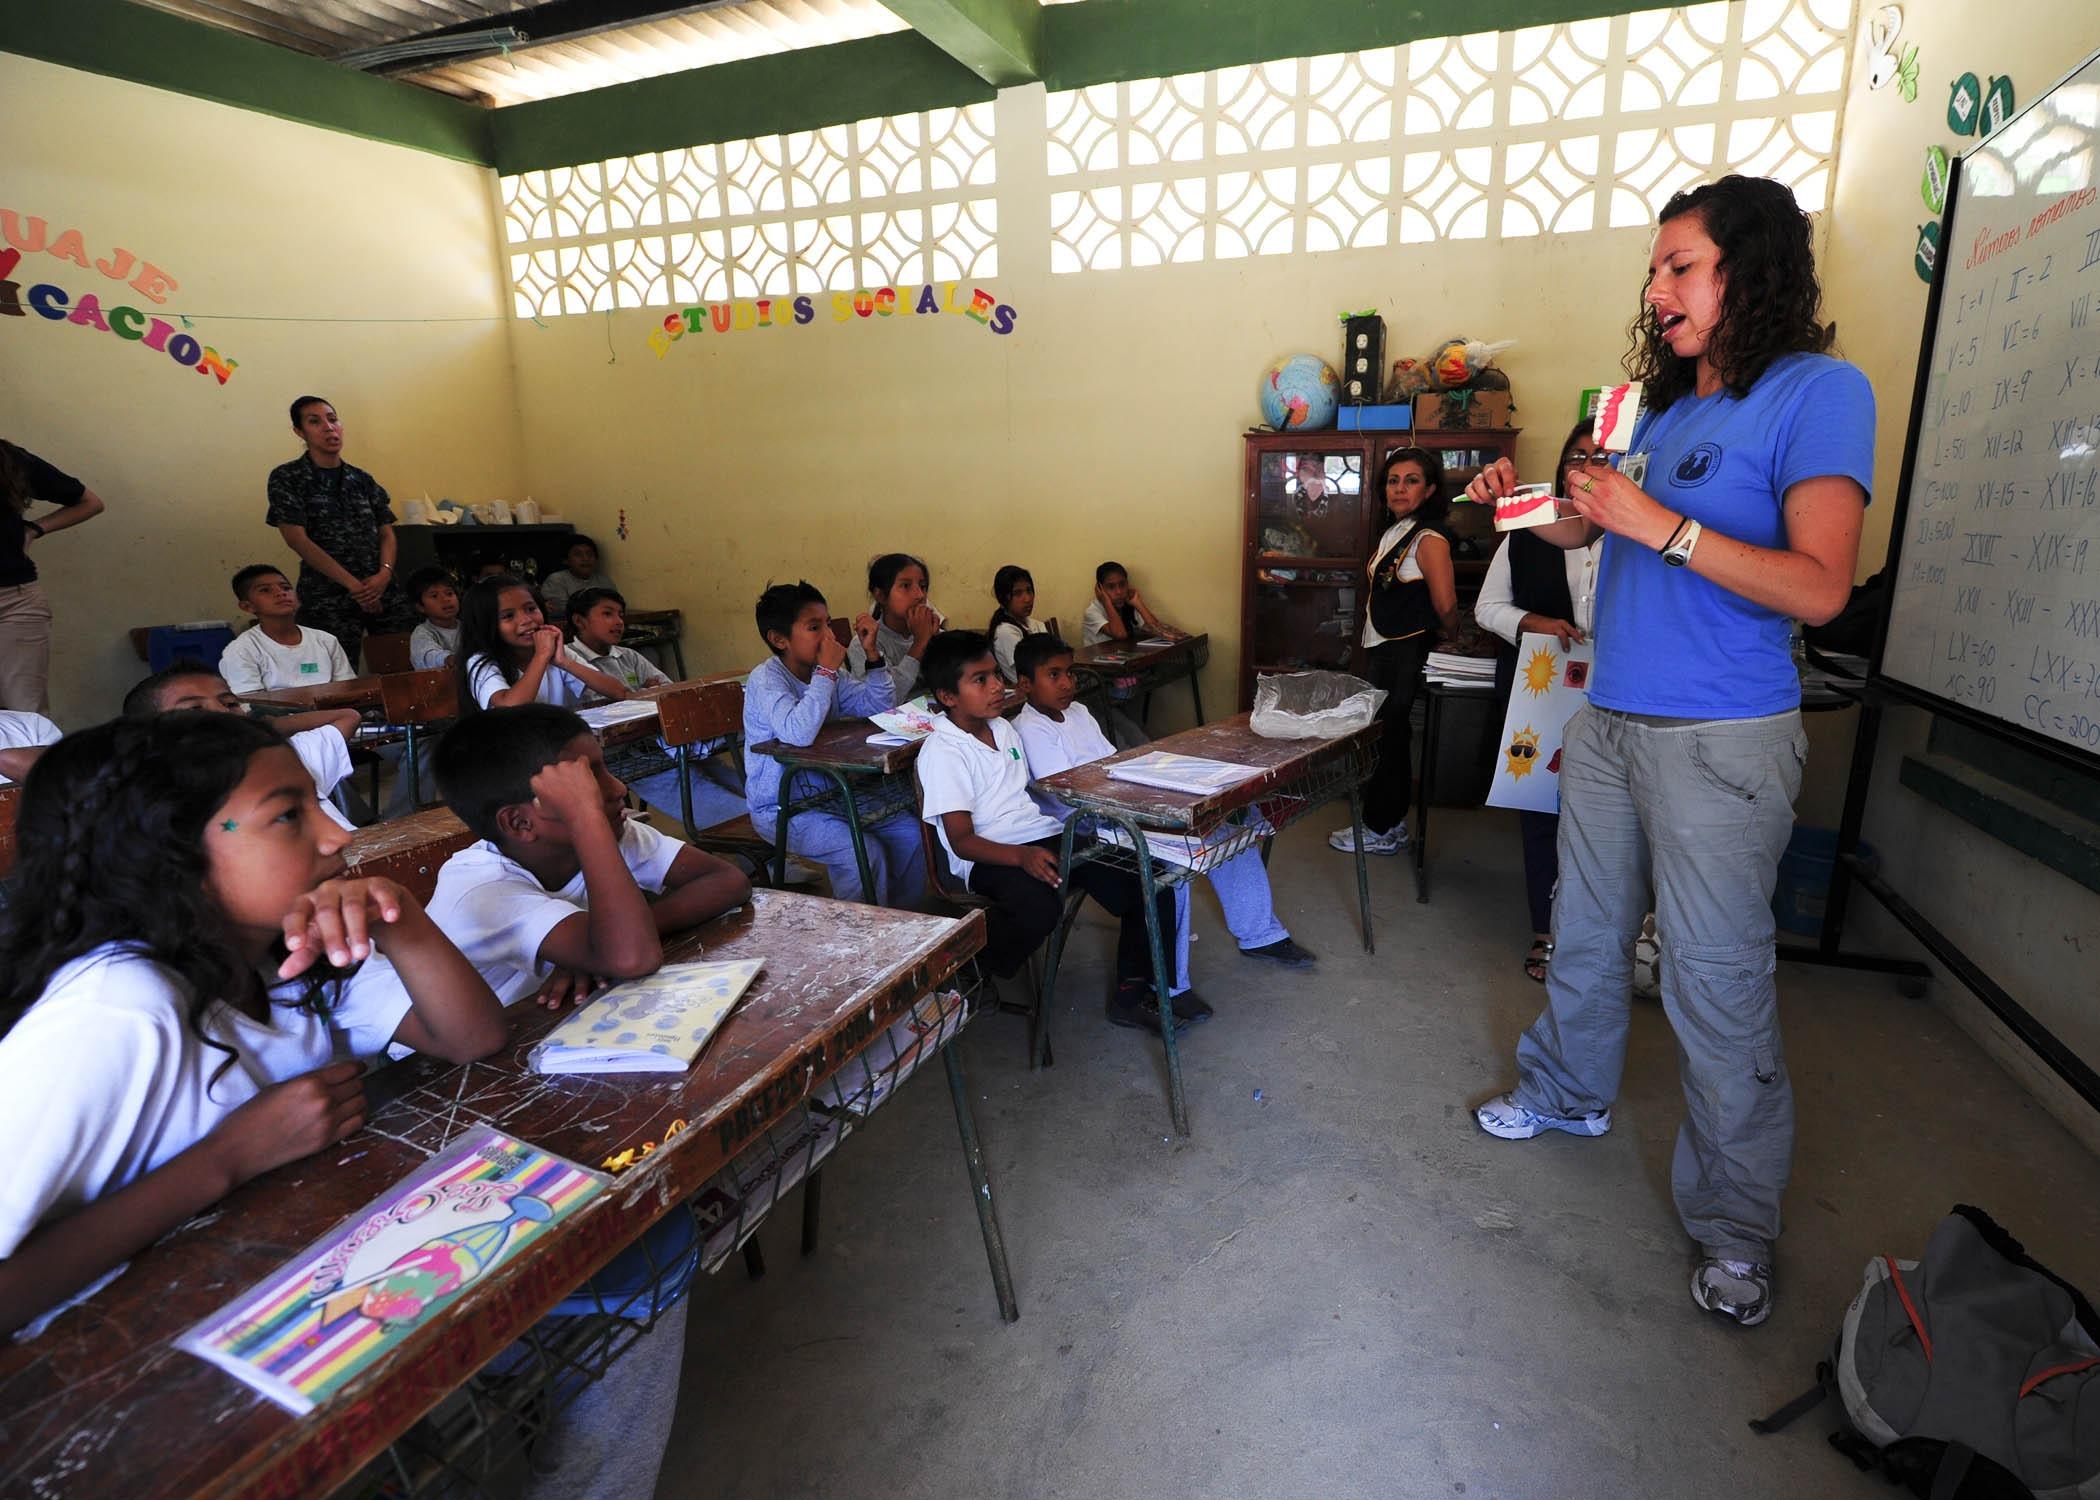 Mulher falando para crianças em sala de aula. Imagem ilustrativa texto Dia do Pedagogo.